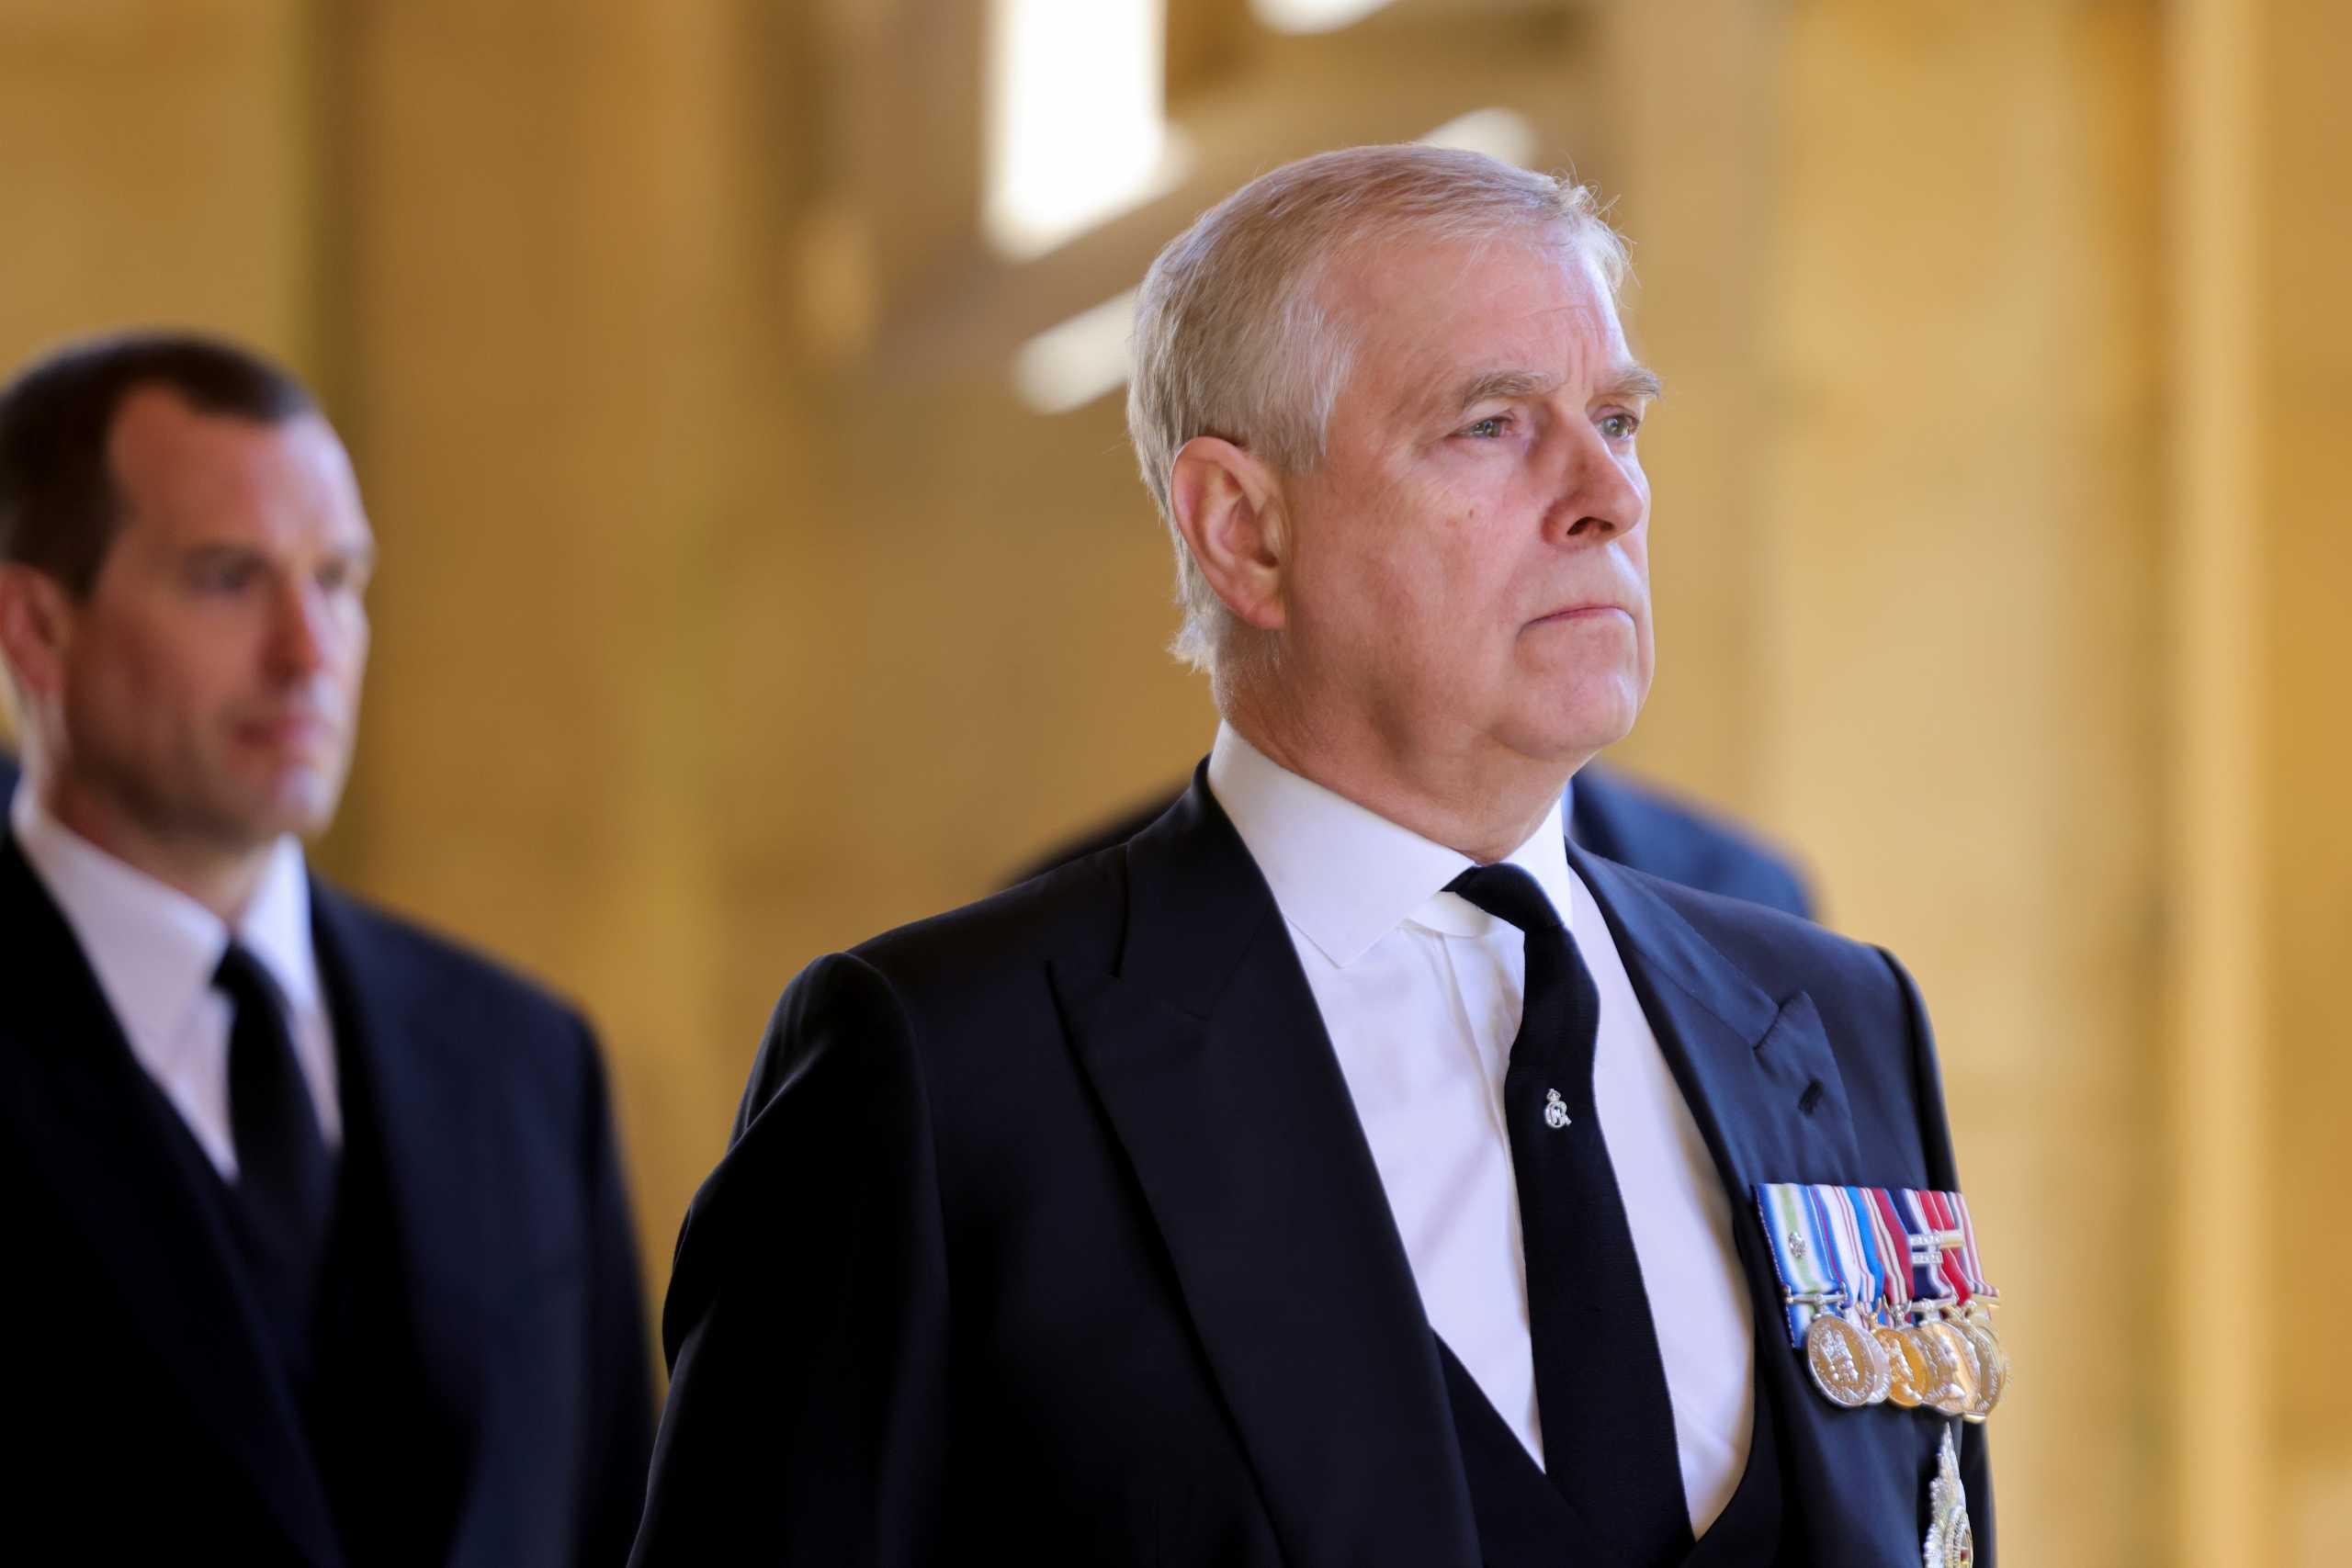 Πρίγκιπας Άντριου: Παρέλαβε μήνυση για σεξoυαλική κακοποίηση ανήλικης σε συνεργασία με τον Έπσταϊν